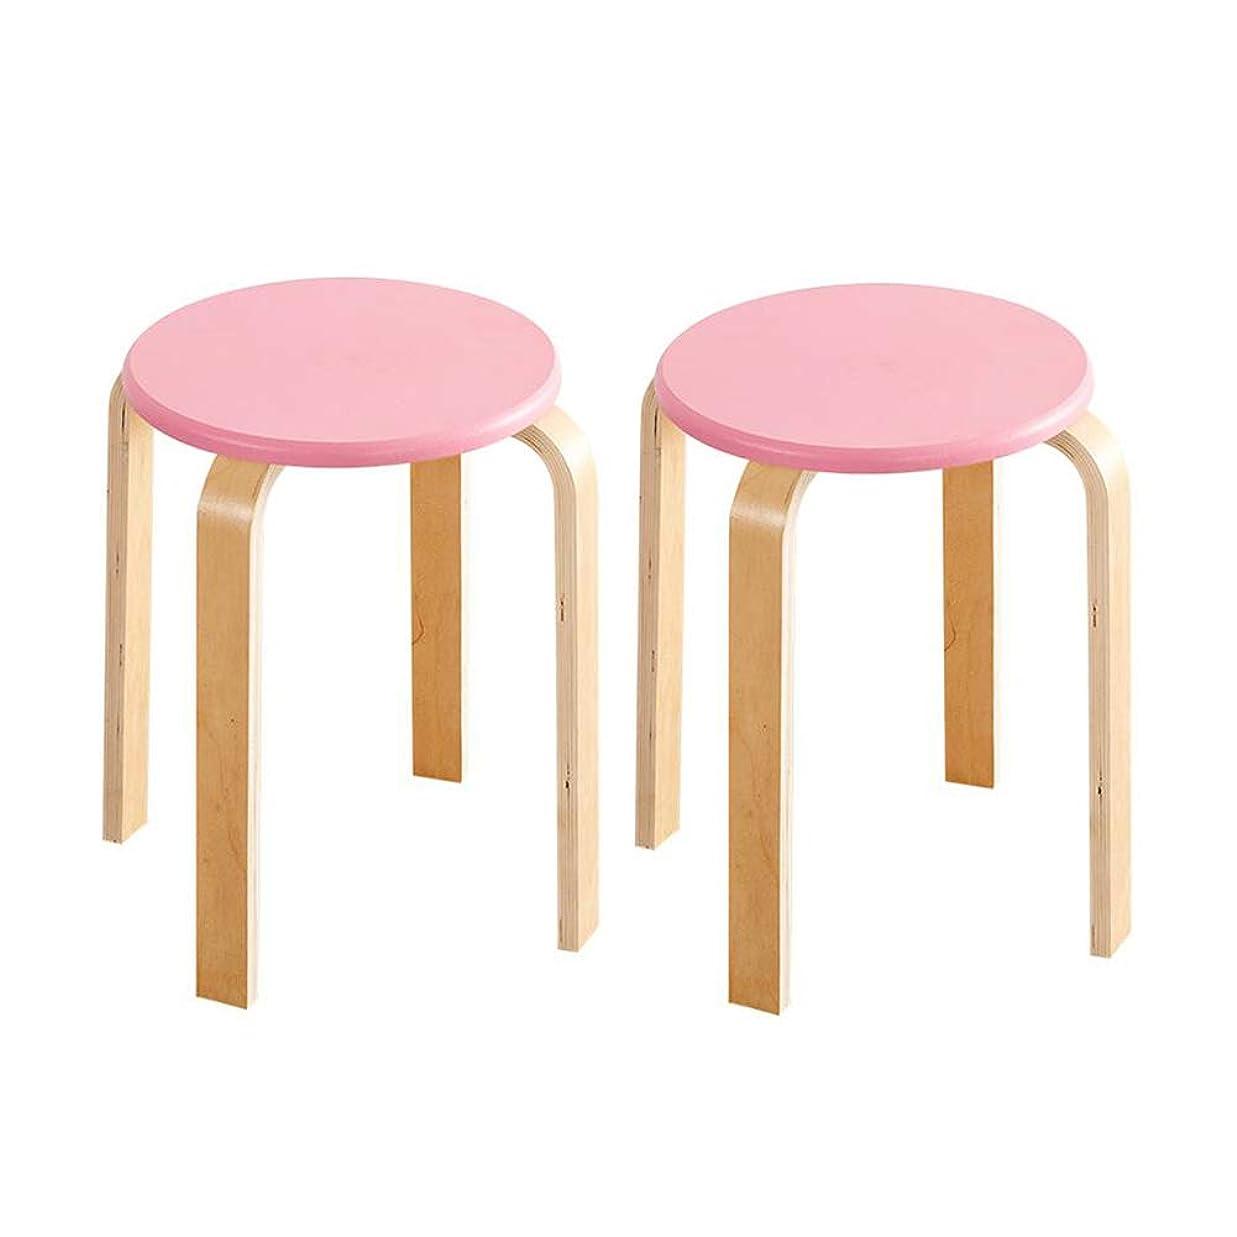 テーマセットするカプセルWYYY 椅子 ウッドスツール バックレス ラウンドトップ スタック可能 キッチン 庭園 クラスルーム パック2 強い耐久性 (色 : ピンク)